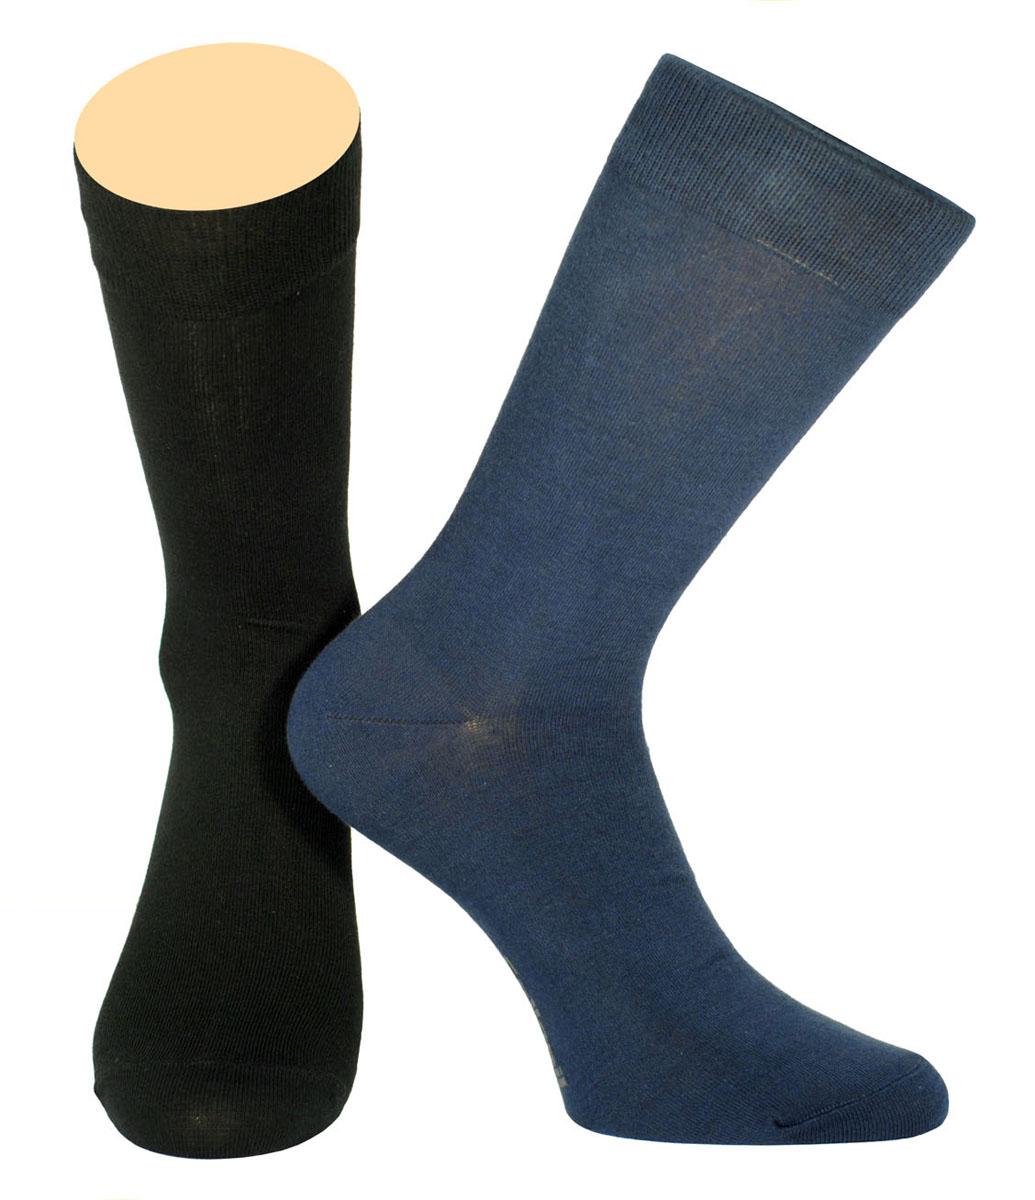 Носки мужские Collonil, цвет: черный, синий, 2 пары. CE3-40/08. Размер 43-46CE3-40/08Мужские носки Collonil изготовлены из эластичного хлопка с добавлением полиамида.Удлиненная широкая резинка не сдавливает и комфортно облегает ногу.В комплекте 2 пары.